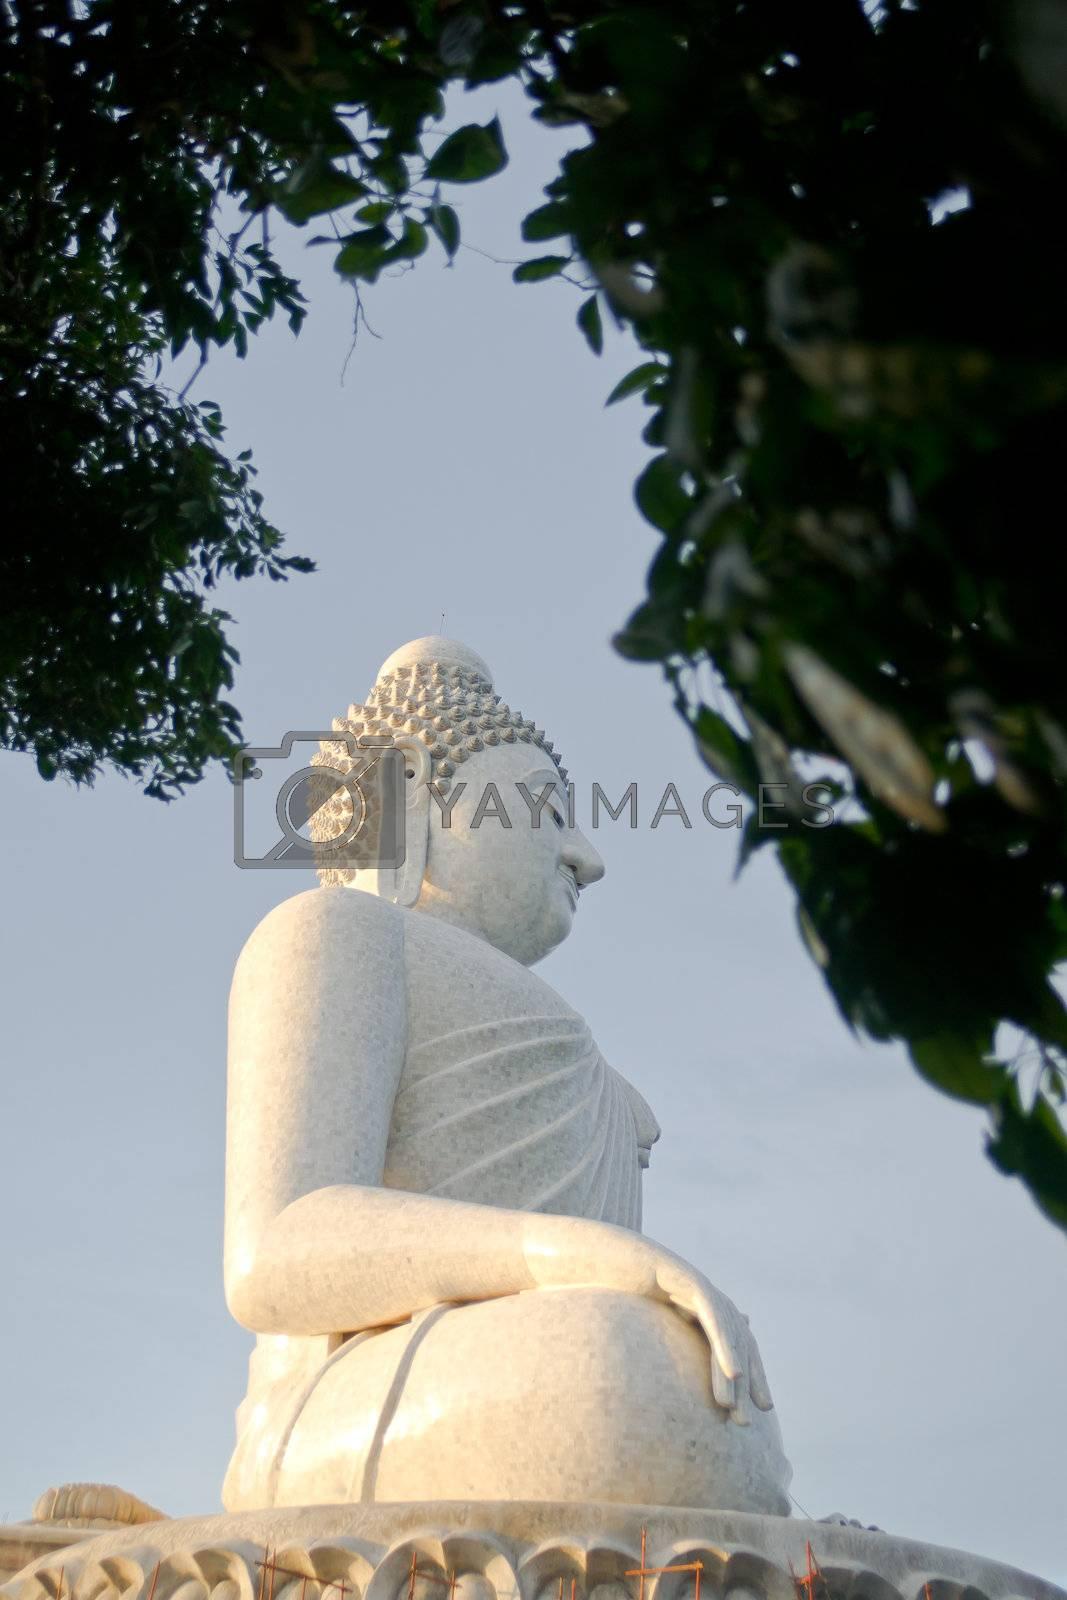 Statue of Big Buddha in Phuket, Thailand